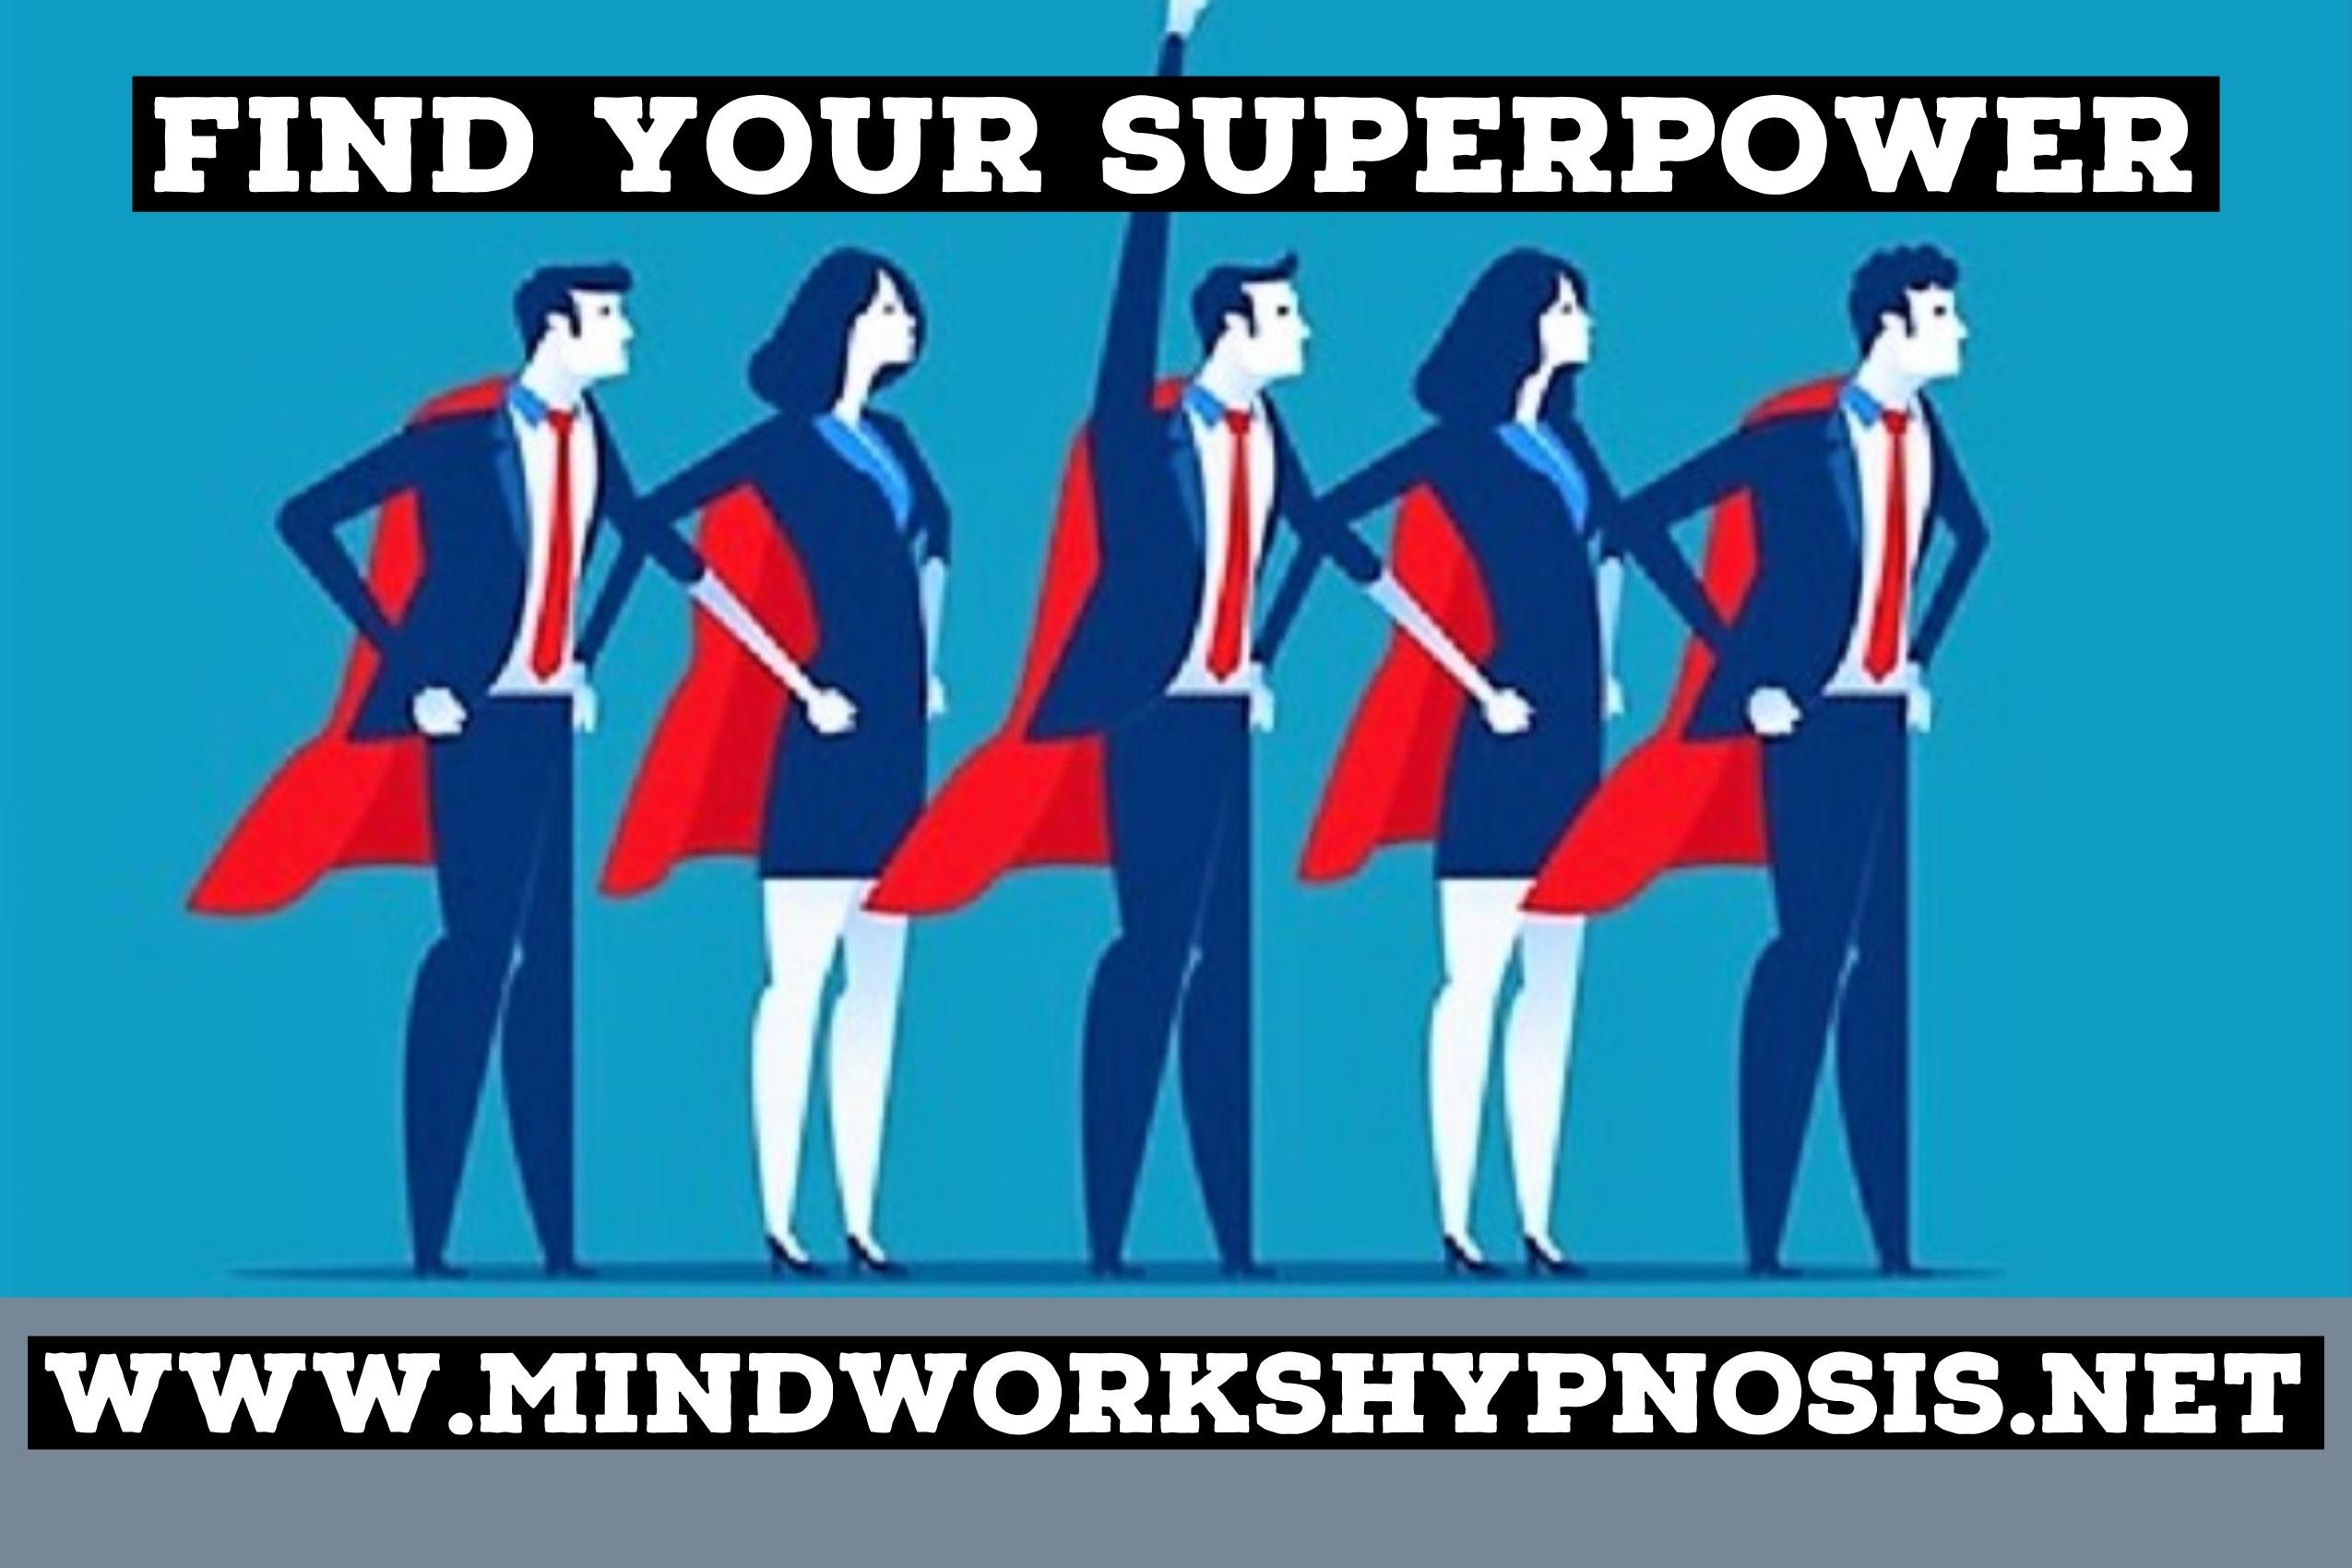 Find Your Superpower